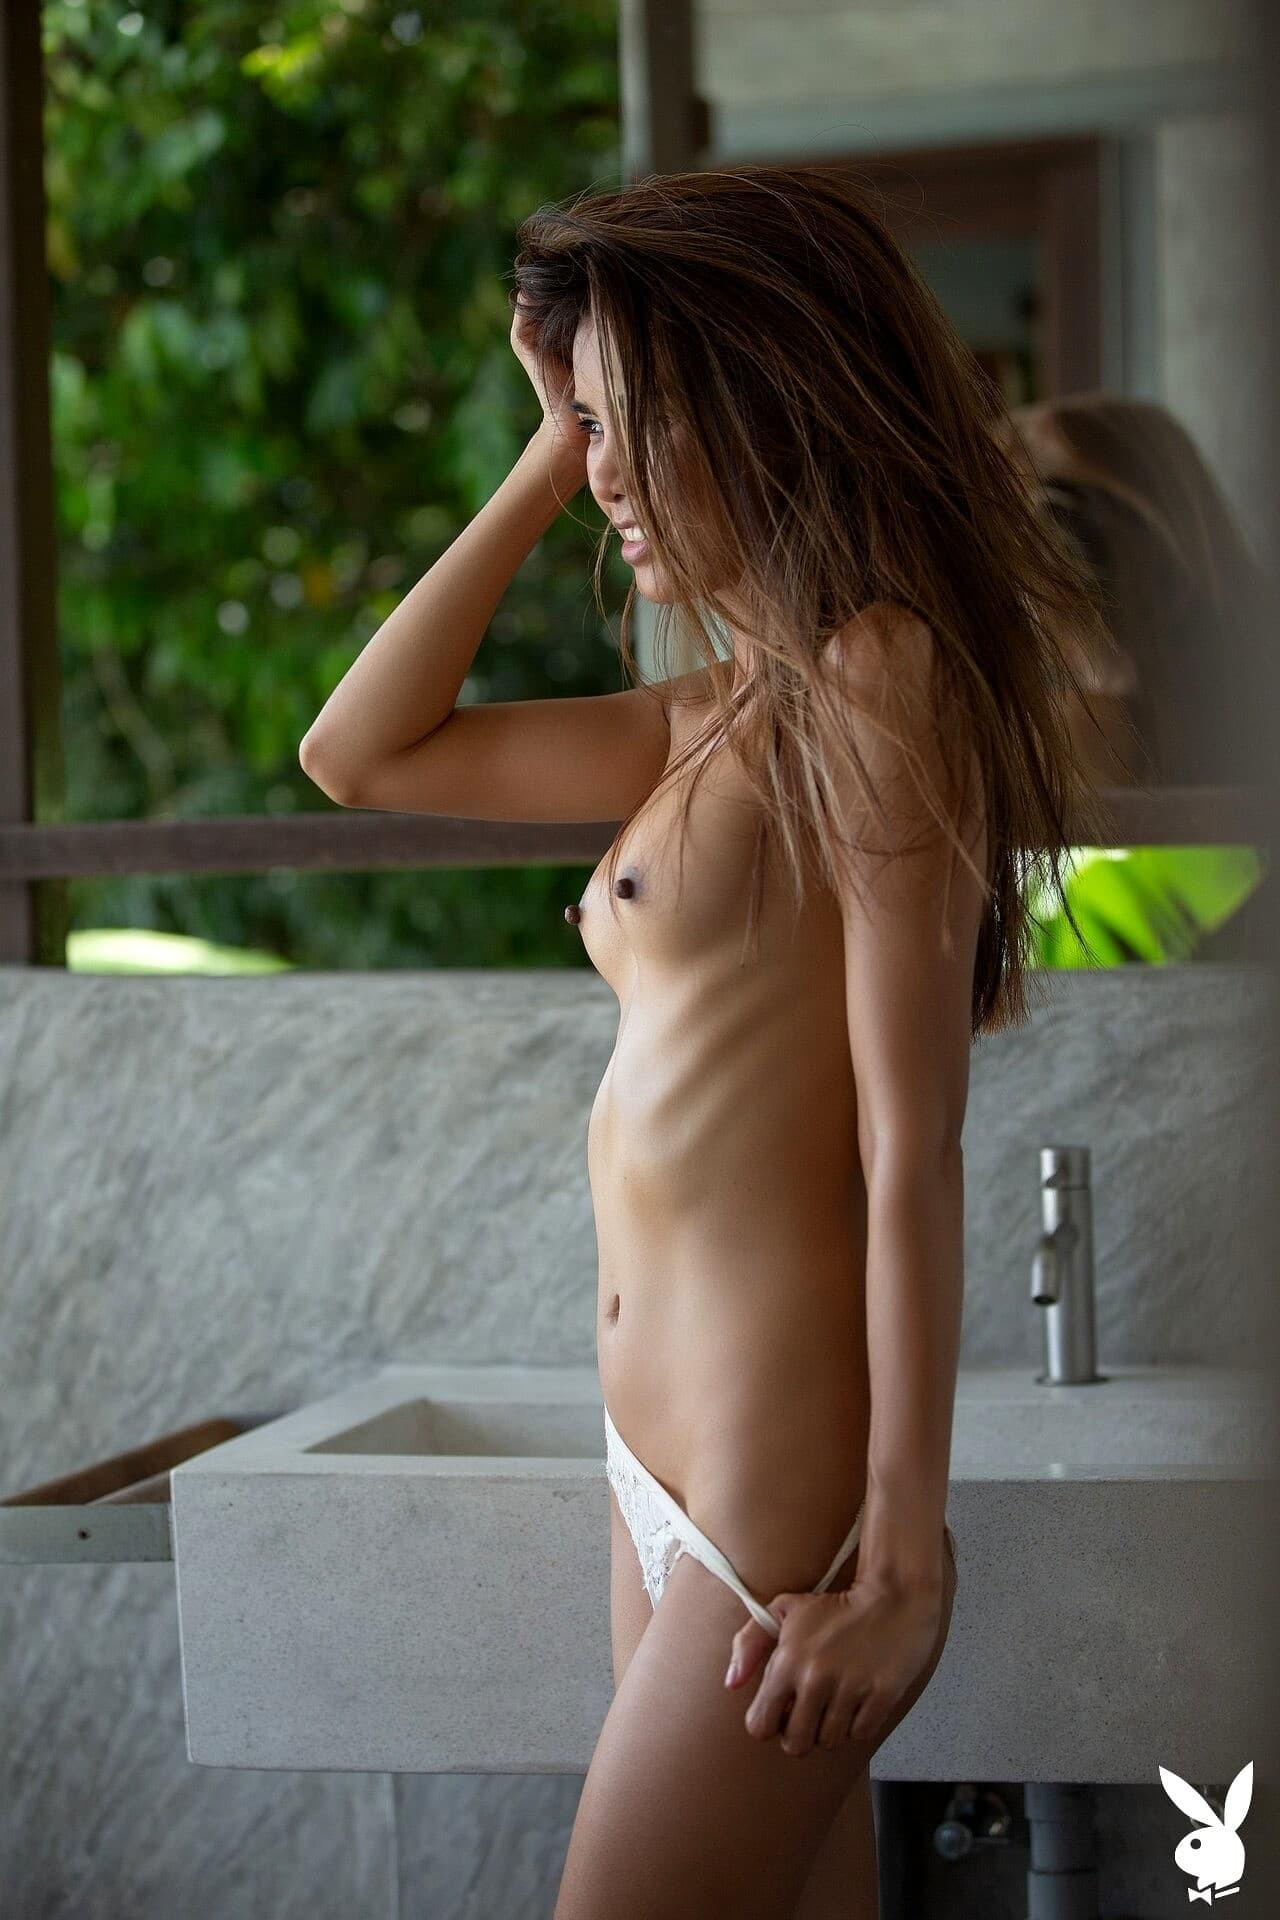 Худая тайская модель снимает кружевное бельё - фото